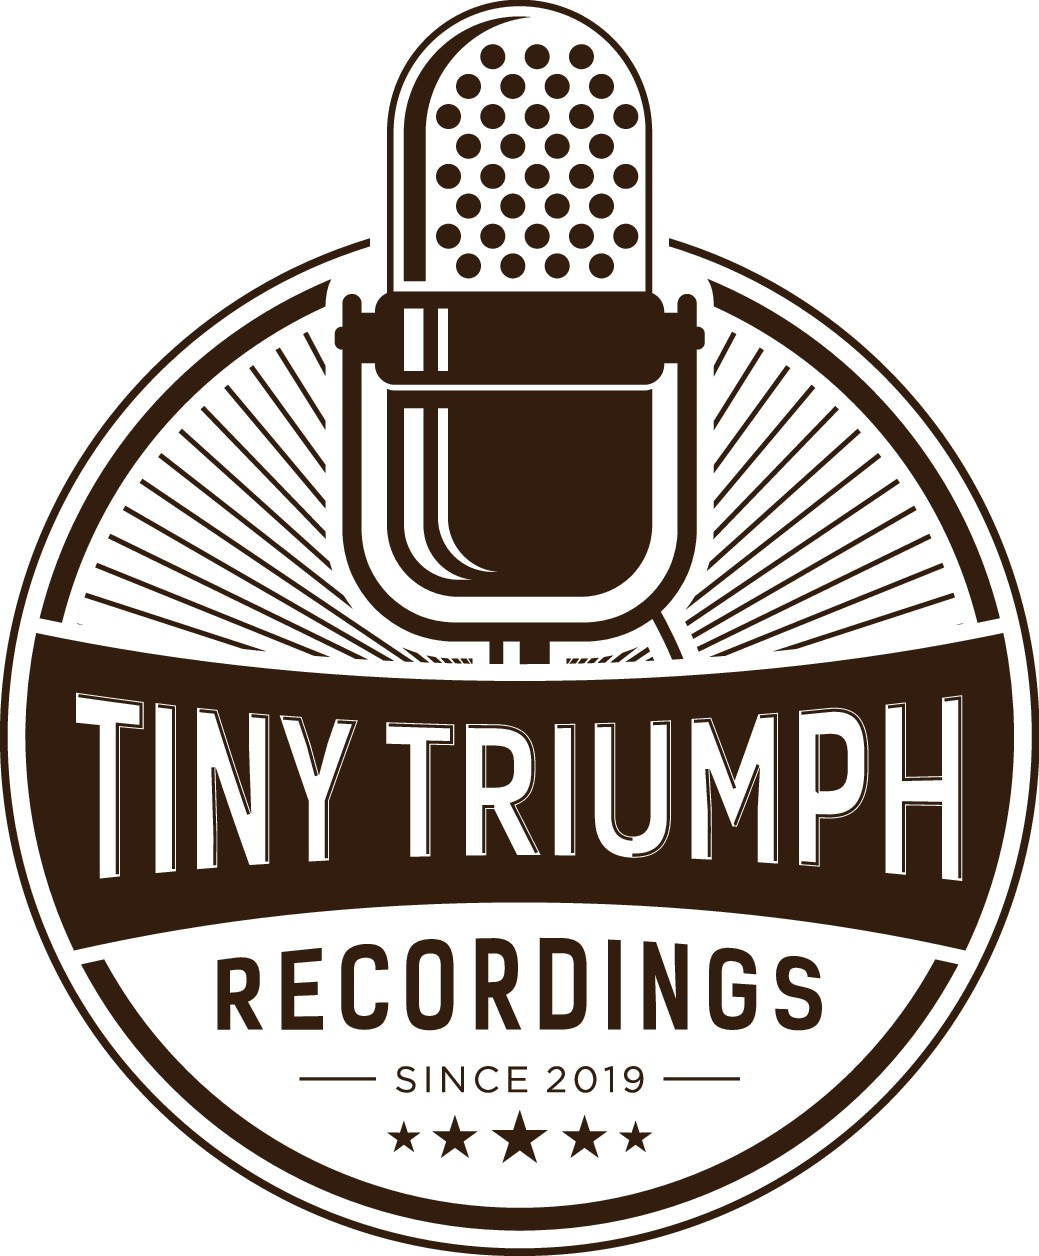 Design the logo for a brand new vocal recording studio